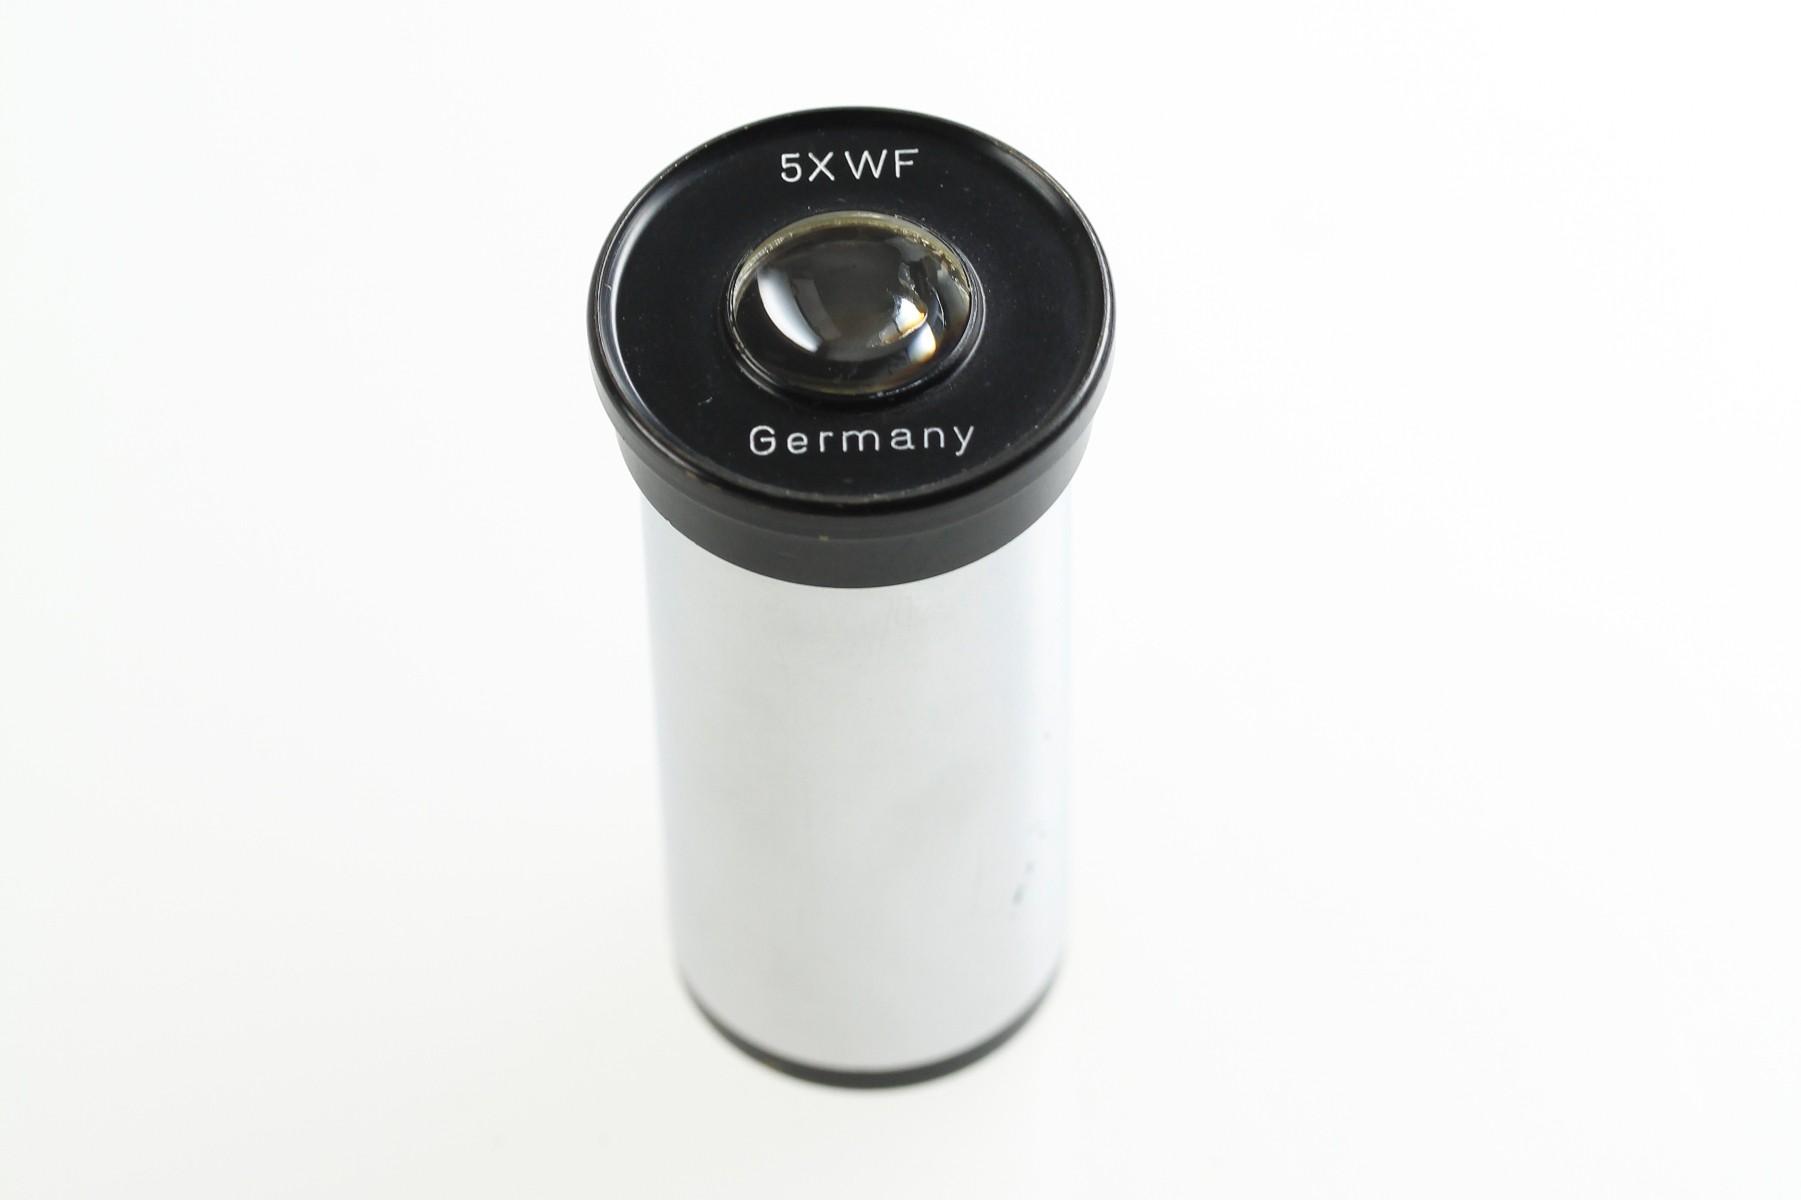 Wf okular mikroskop eyepiece aufsatz f kosmos darwin stereo